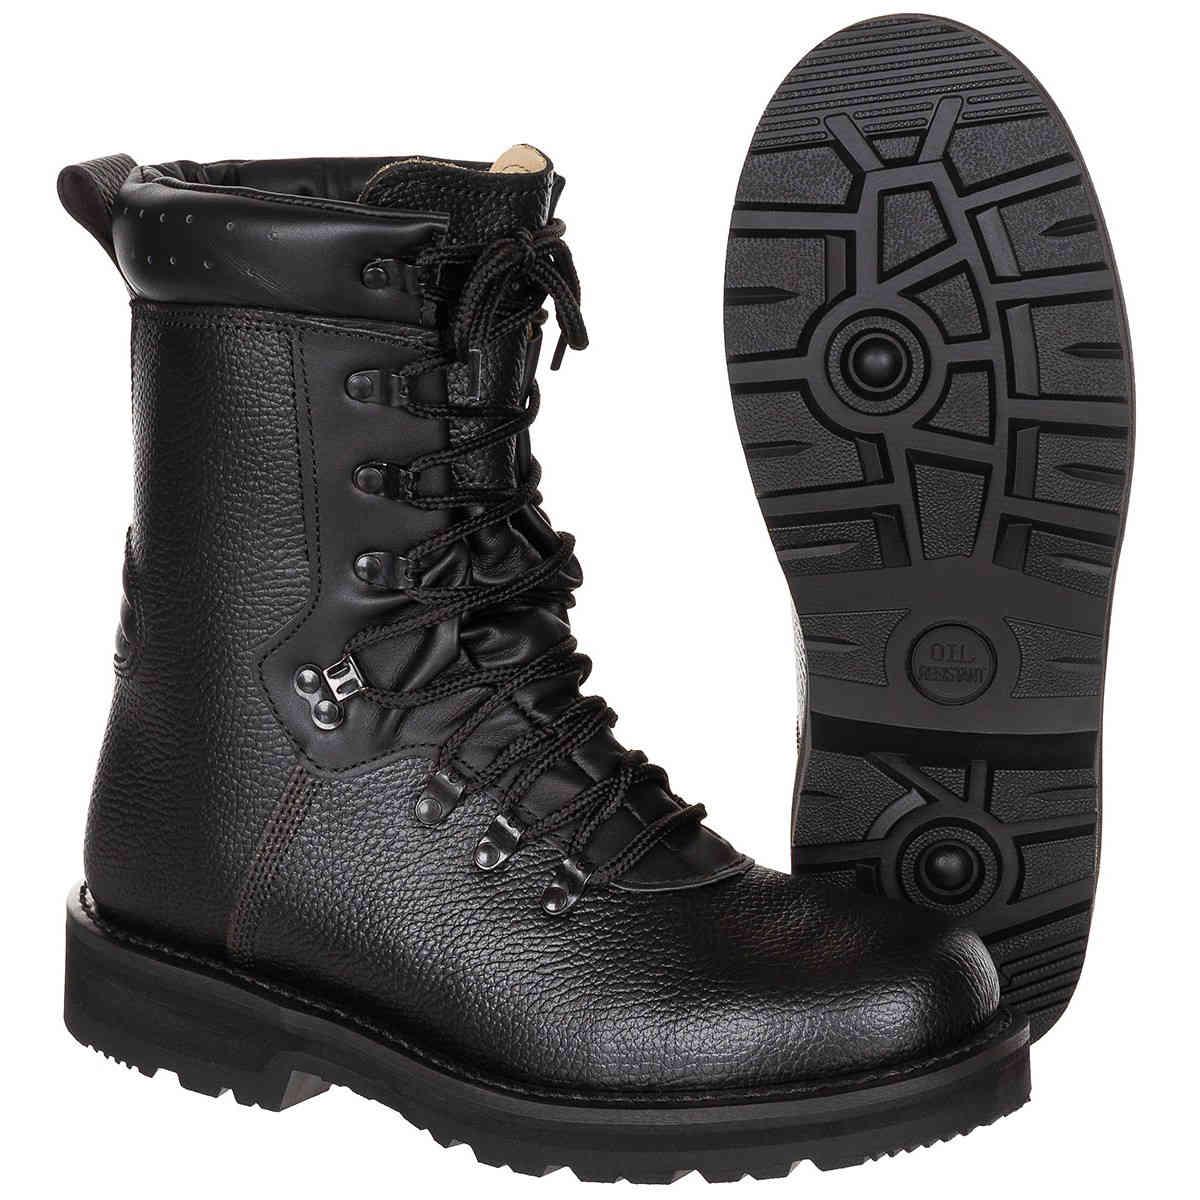 SPRINGERSTIEFEL STIEFEL Kampfstiefel Schuhe Security BW